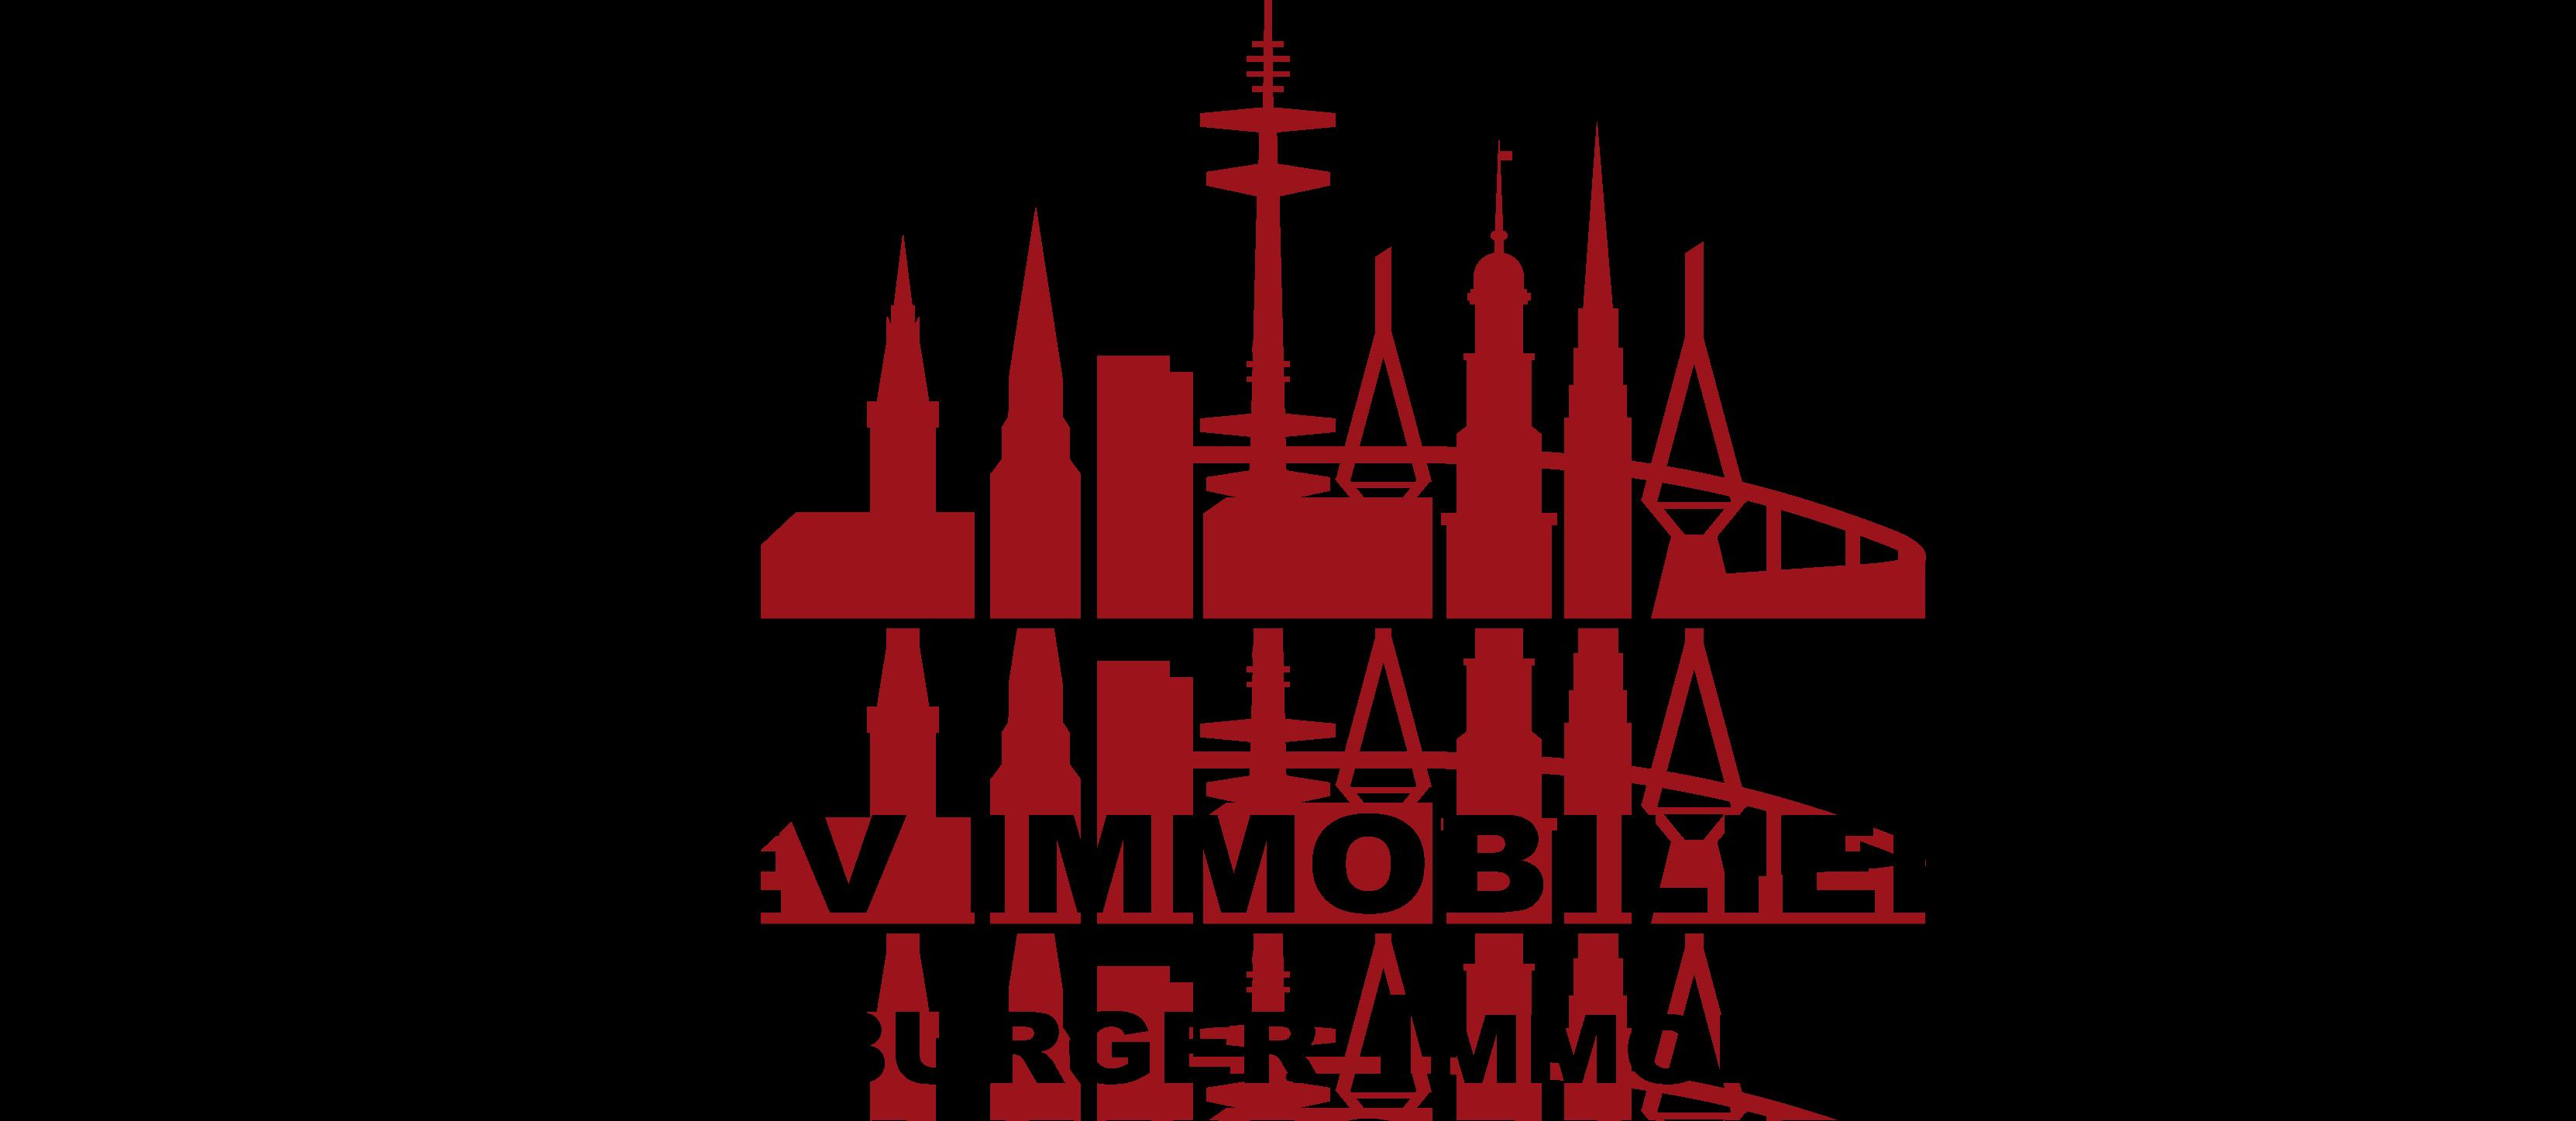 Hier sehen Sie das Logo von Jakovlev Immobilien GmbH